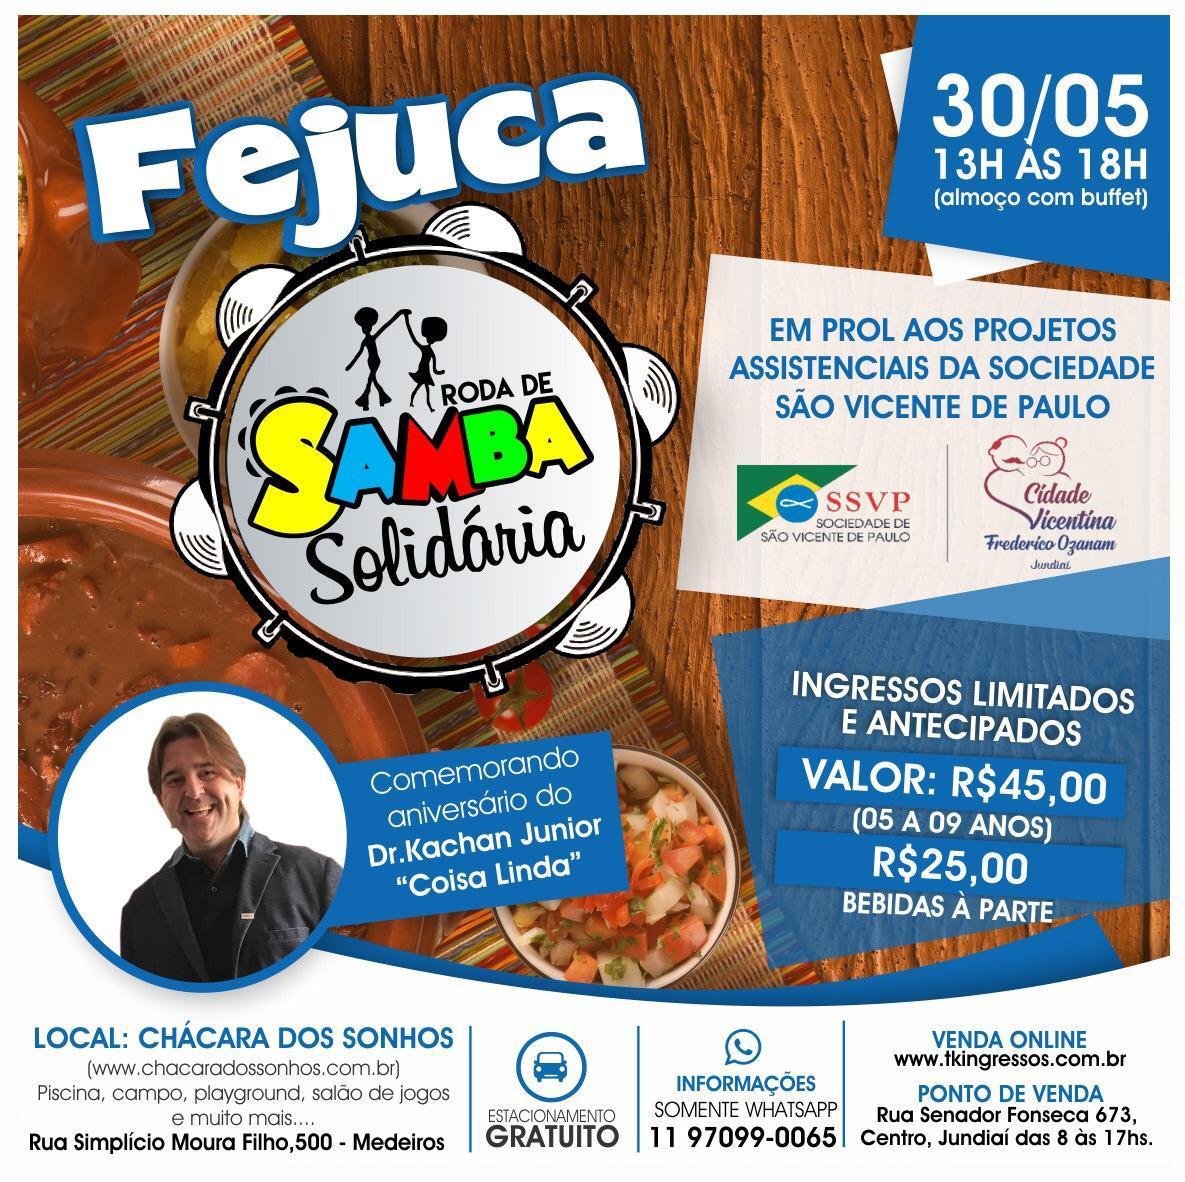 Fejuca Roda de Samba Solidária - 30/05/20 - Jundiaí - SP